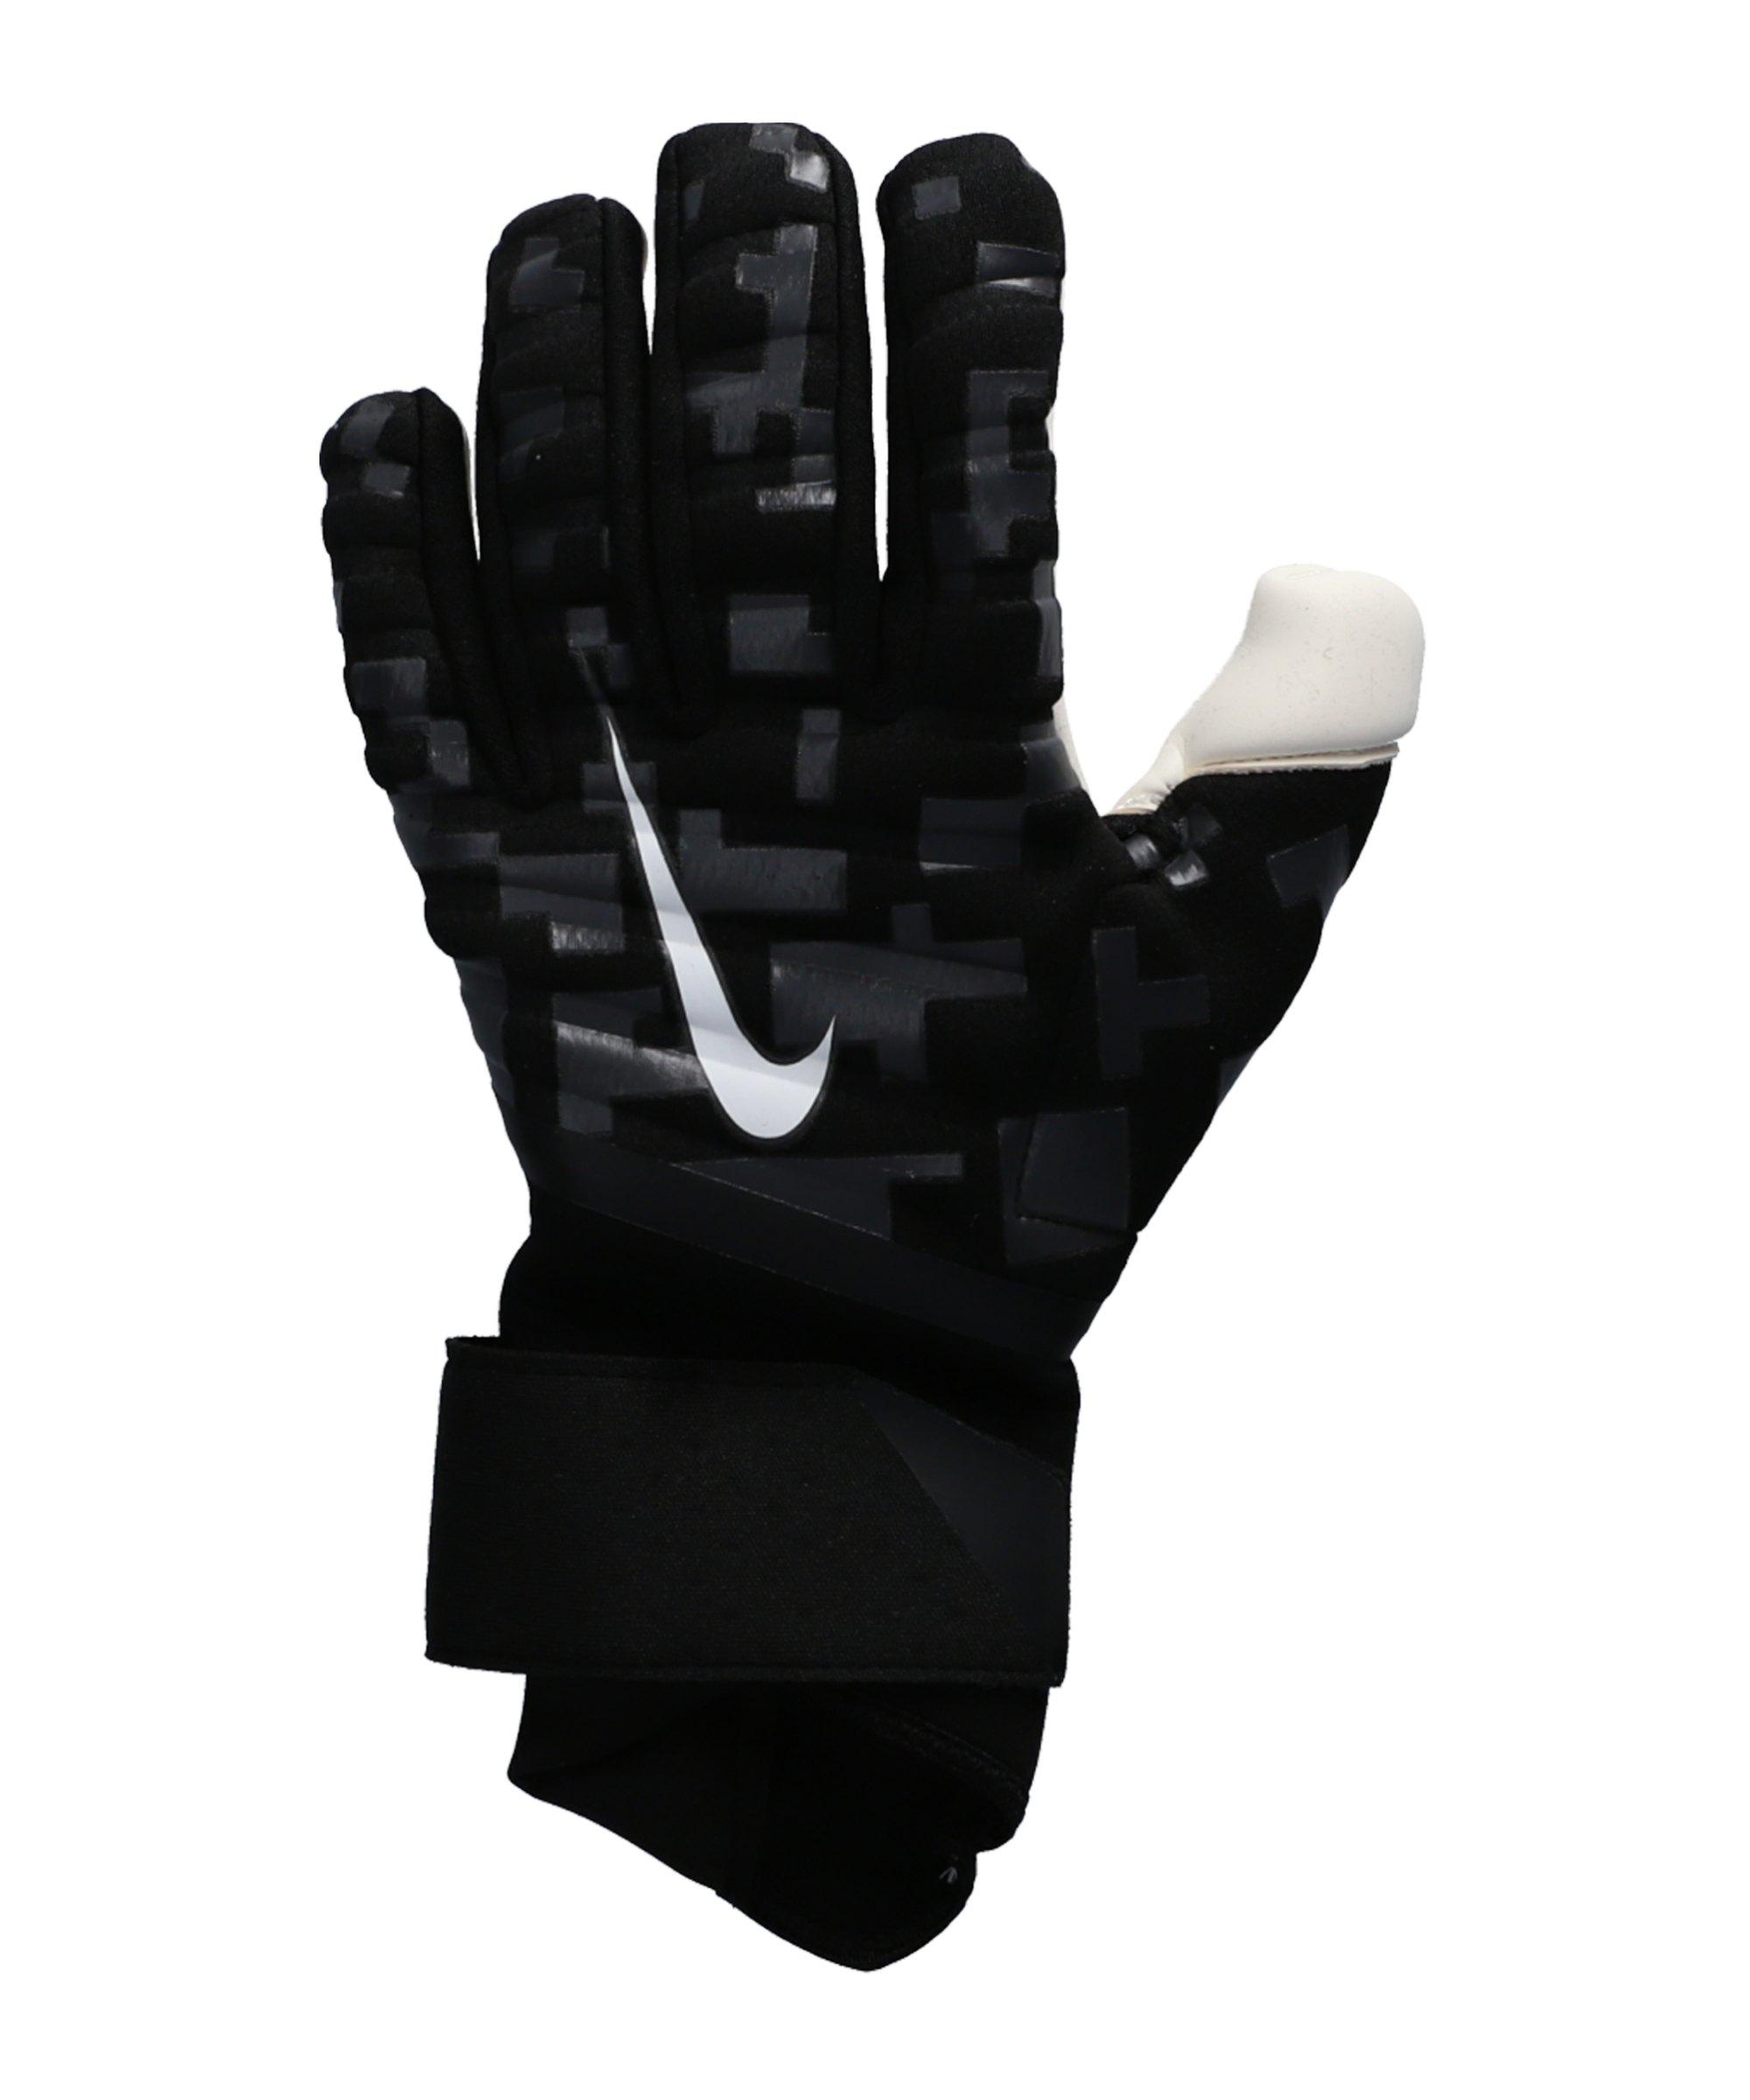 Nike Phantom Elite Pro Promo TW-Handschuhe Schwarz Grau Weiss F010 - schwarz